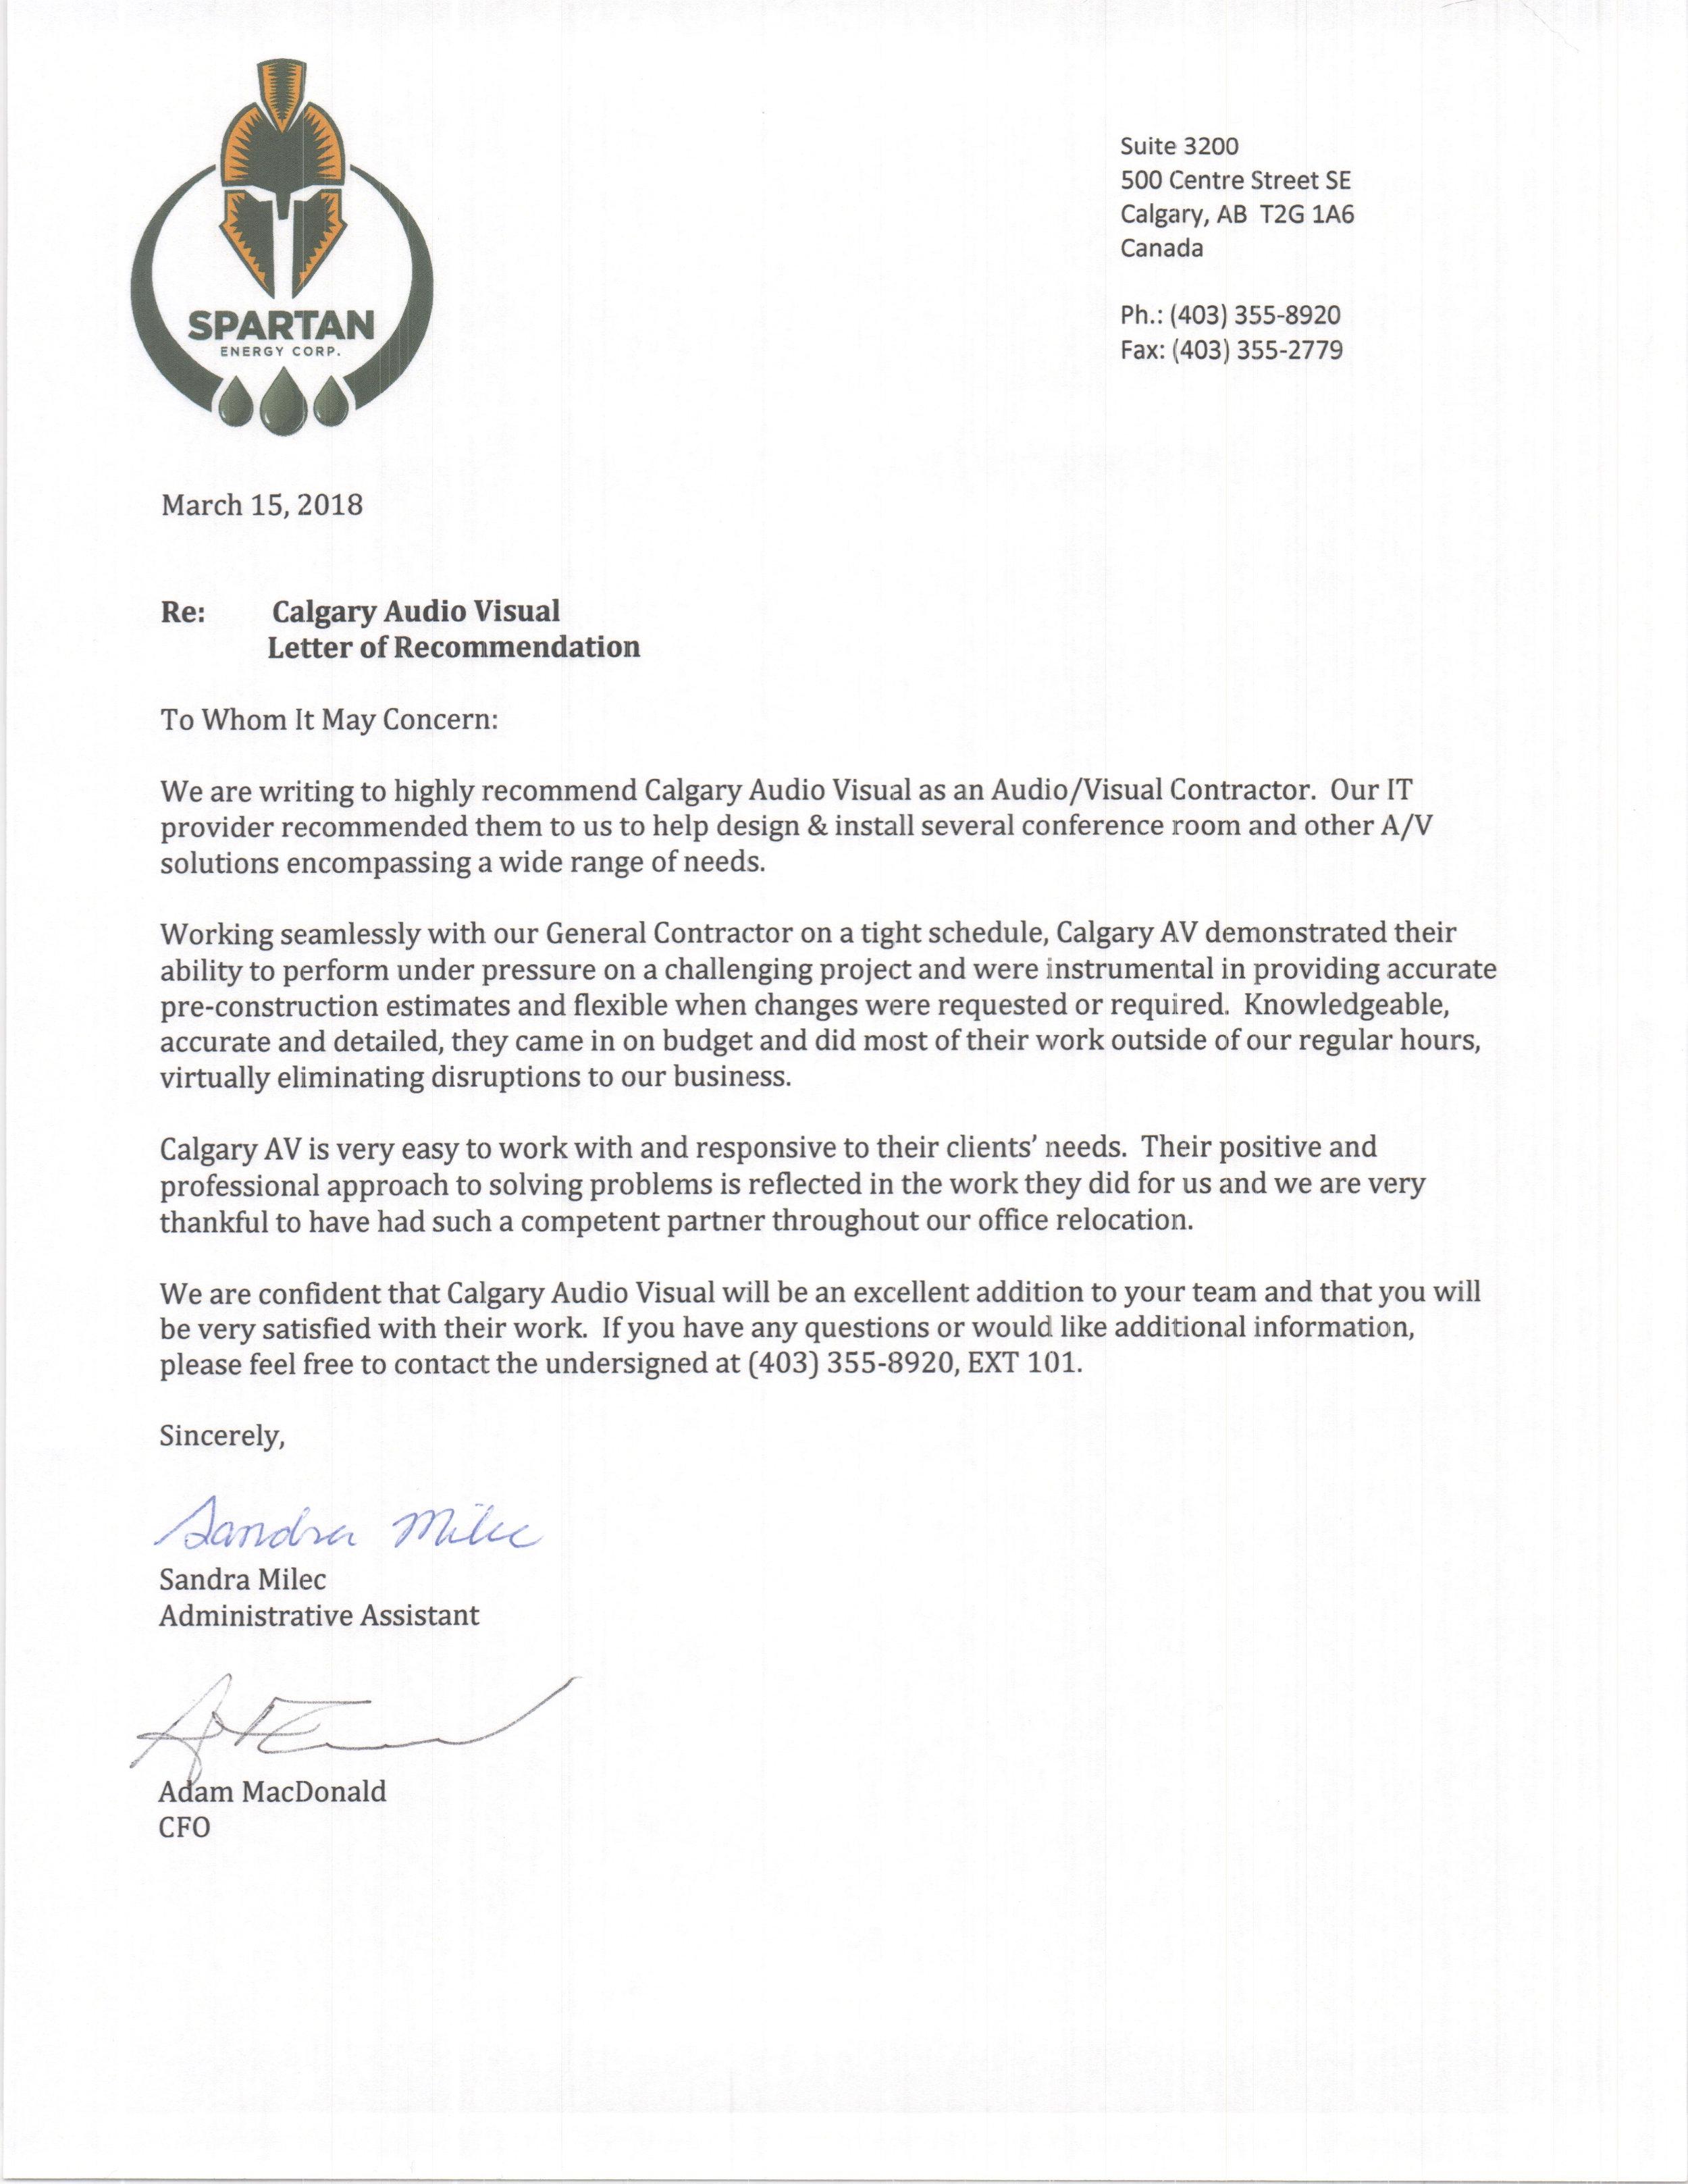 Spartan - CalgaryAV - Letter - Mar15-2018.jpg